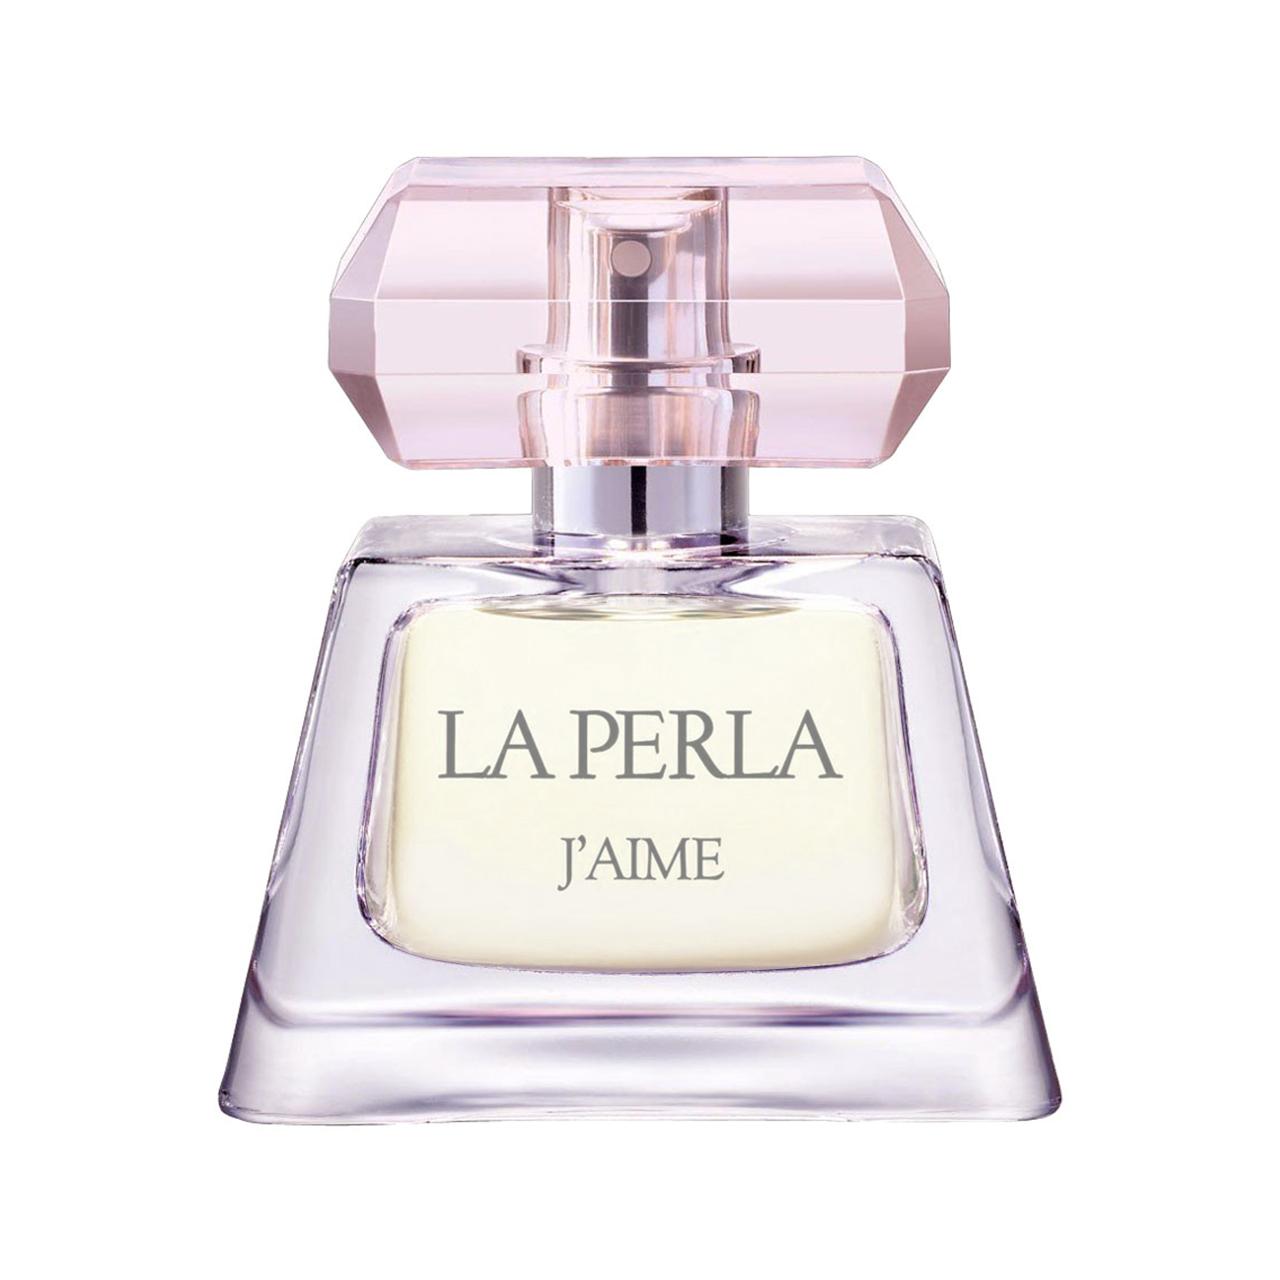 تستر ادو پرفیوم زنانه لا پرلا مدل J'Aime حجم 100 میلی لیتر